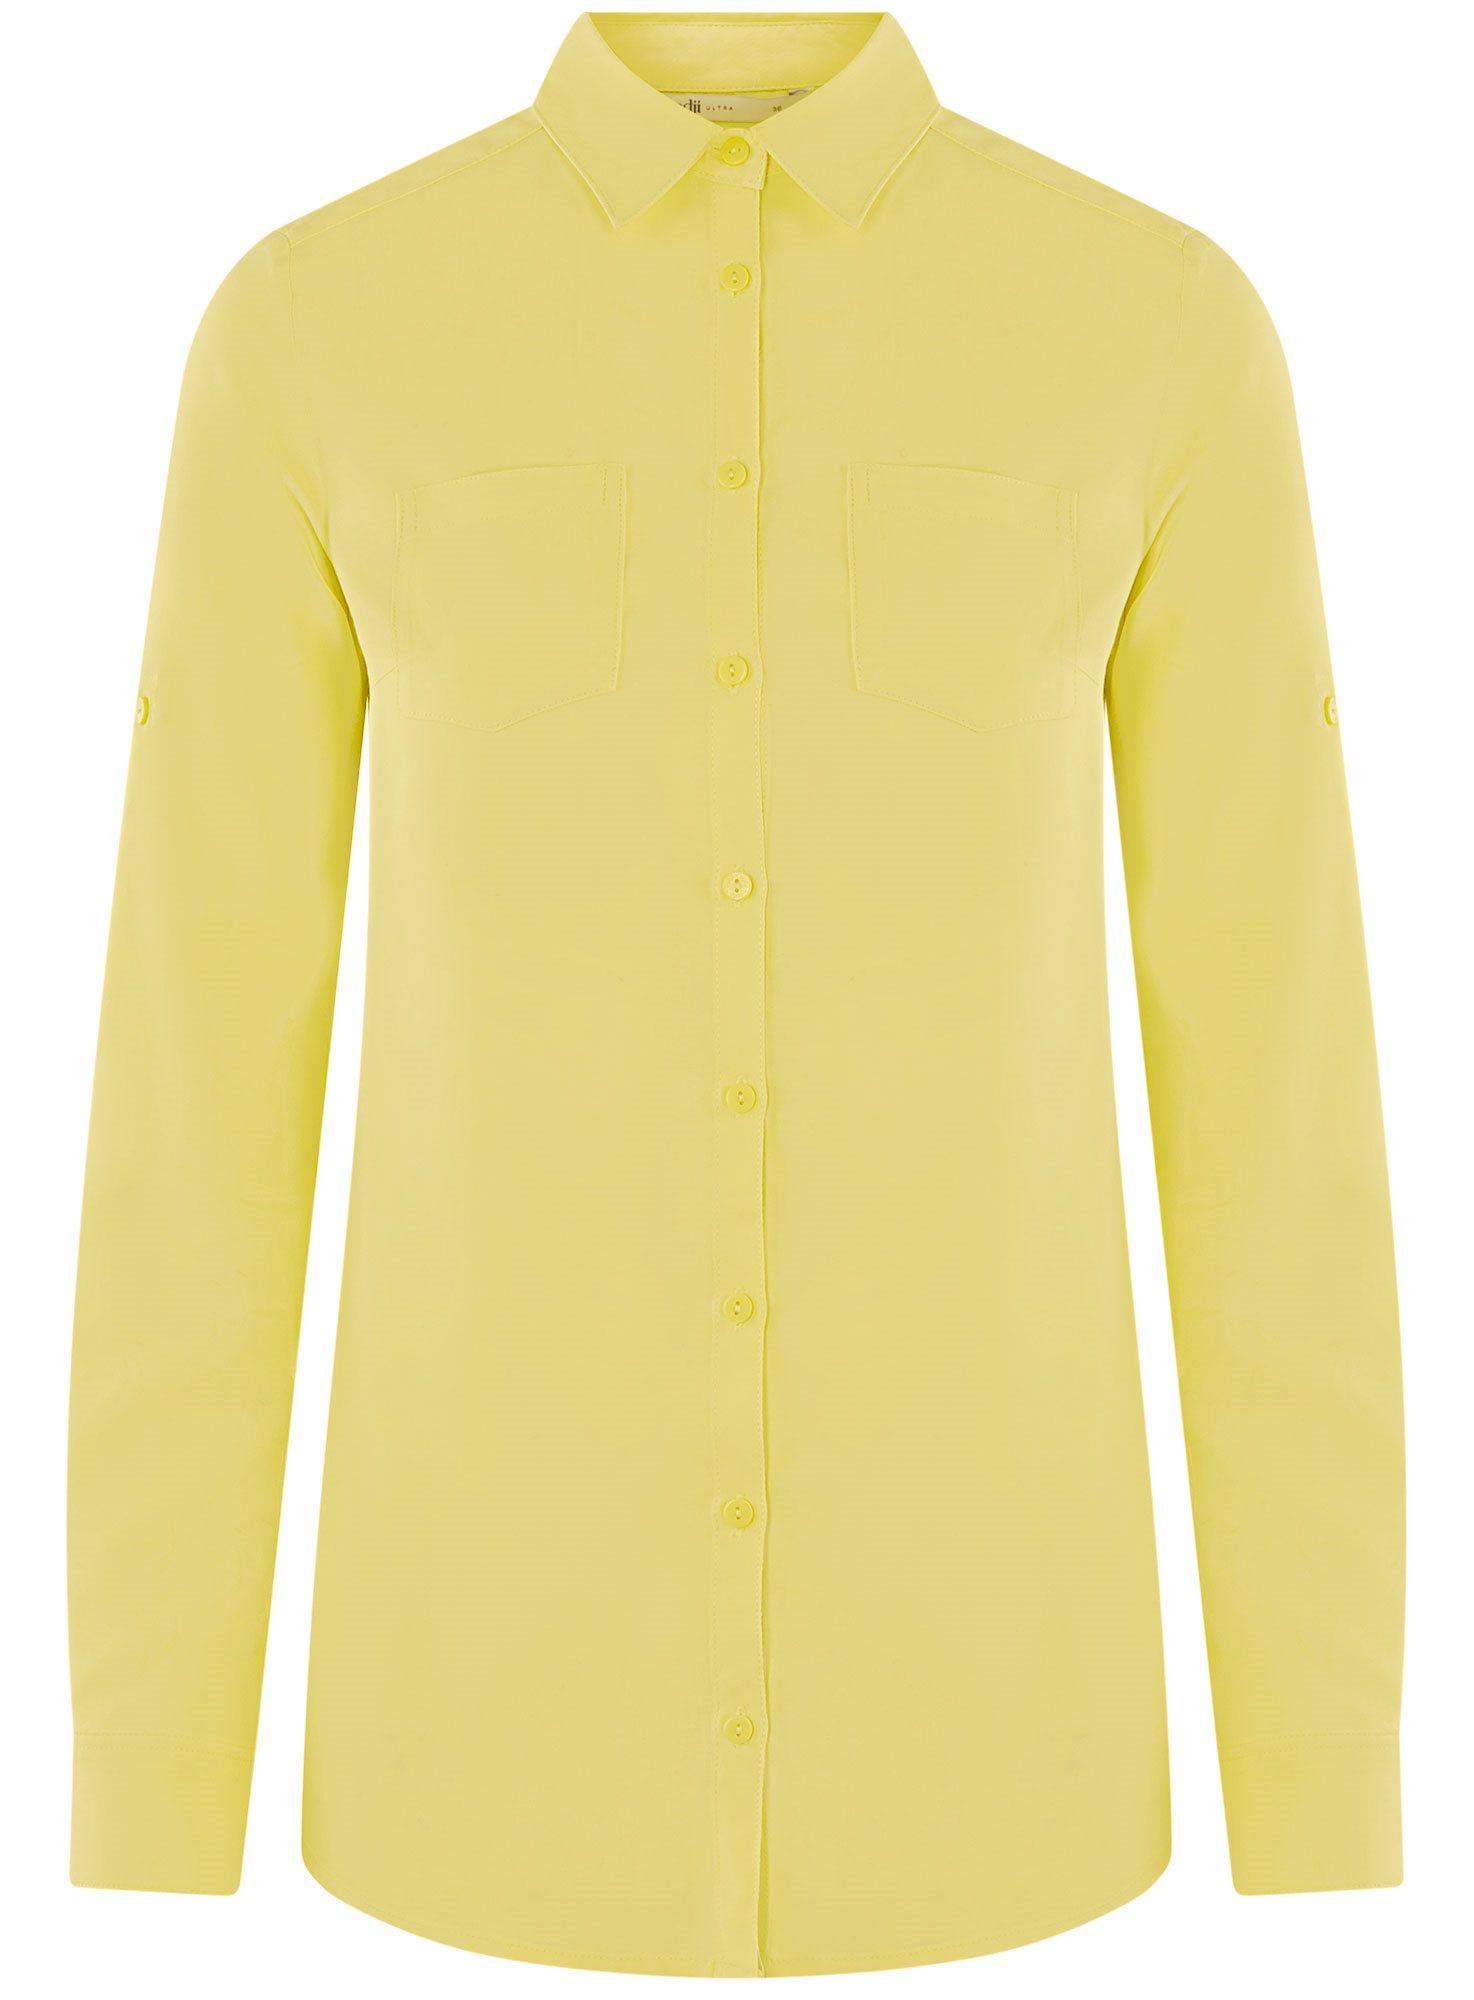 Блузка с нагрудными карманами и регулировкой длины рукава oodji для женщины (желтый), 11400355-3B/14897/6700N